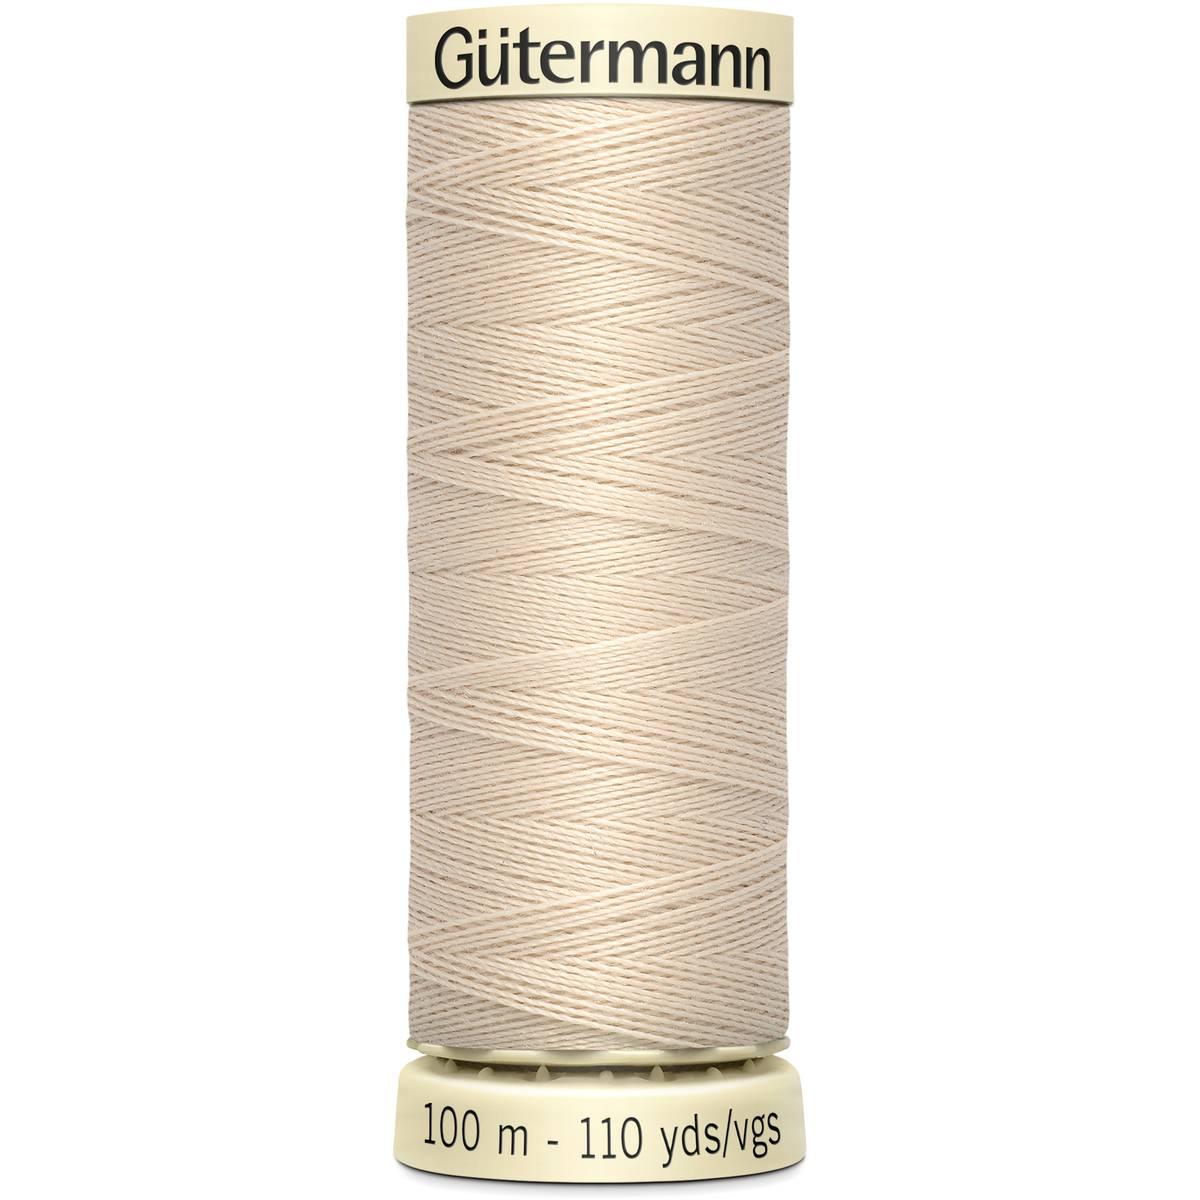 חוט תפירה גוטרמן - Beige 169